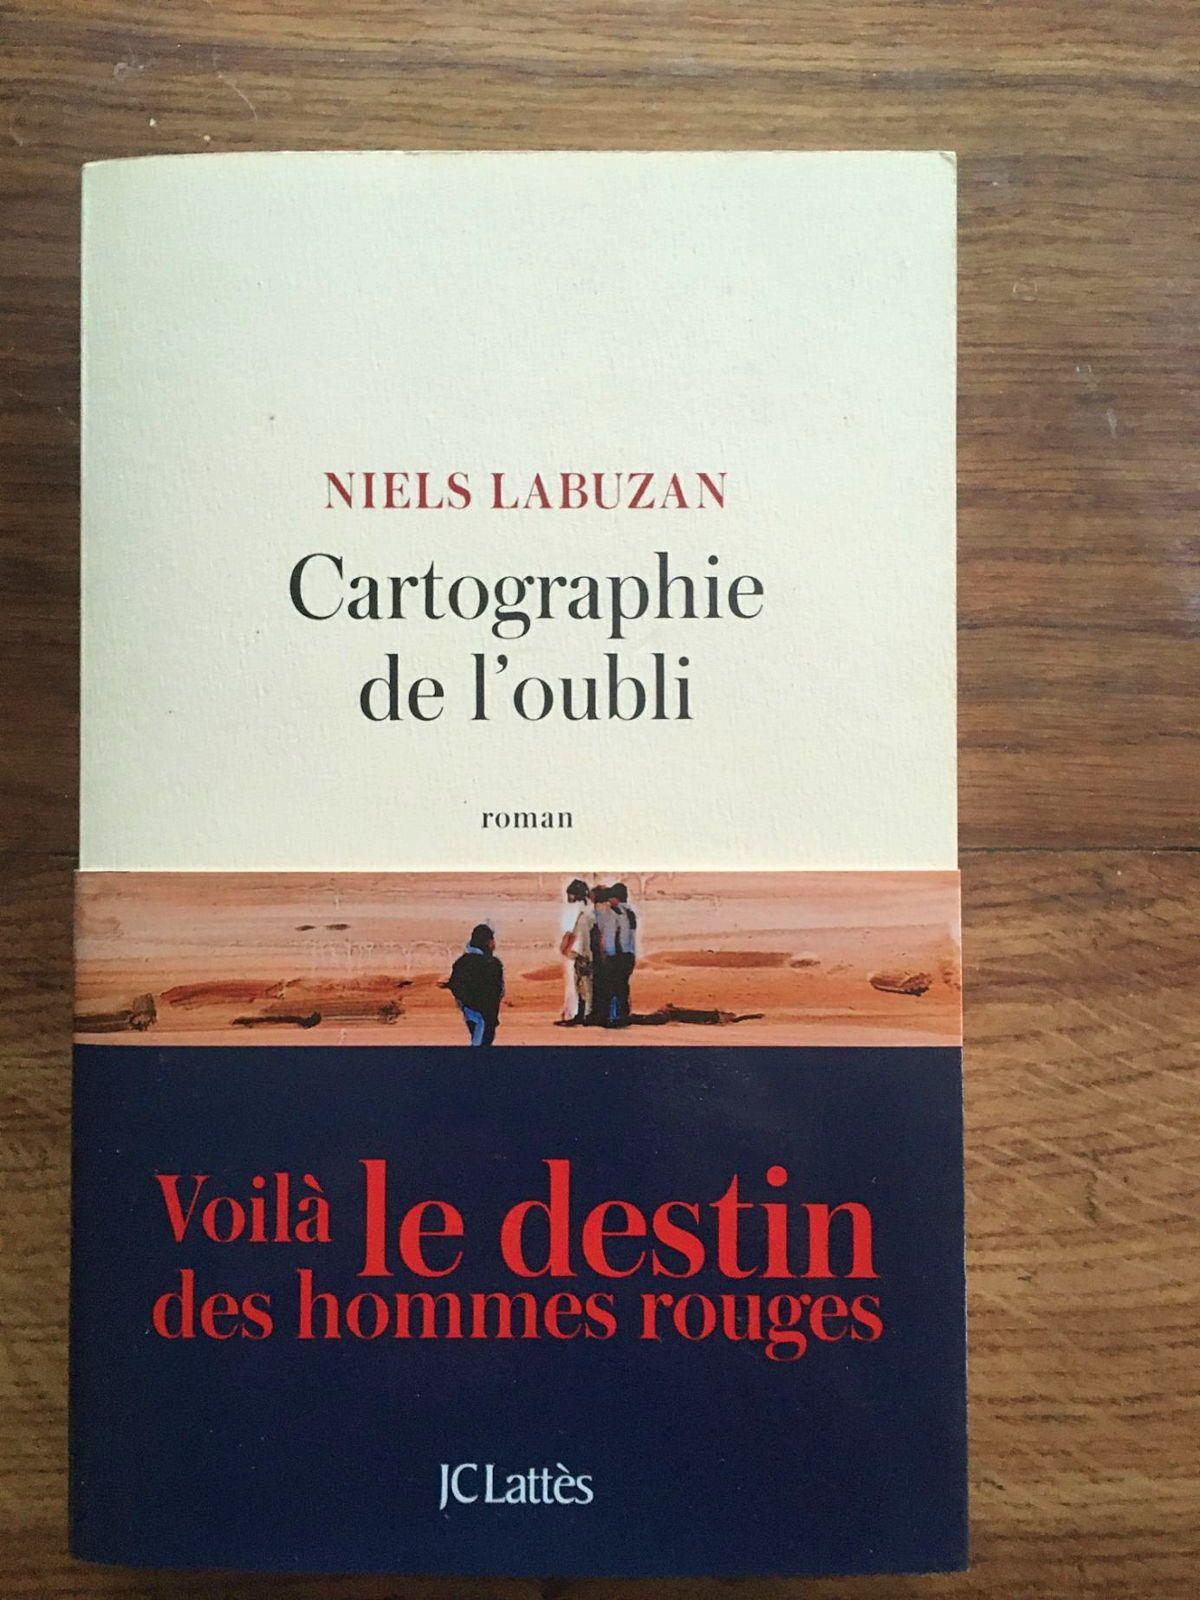 Vends livre Cartographie de l'oubli de Niels Labuzan bon état